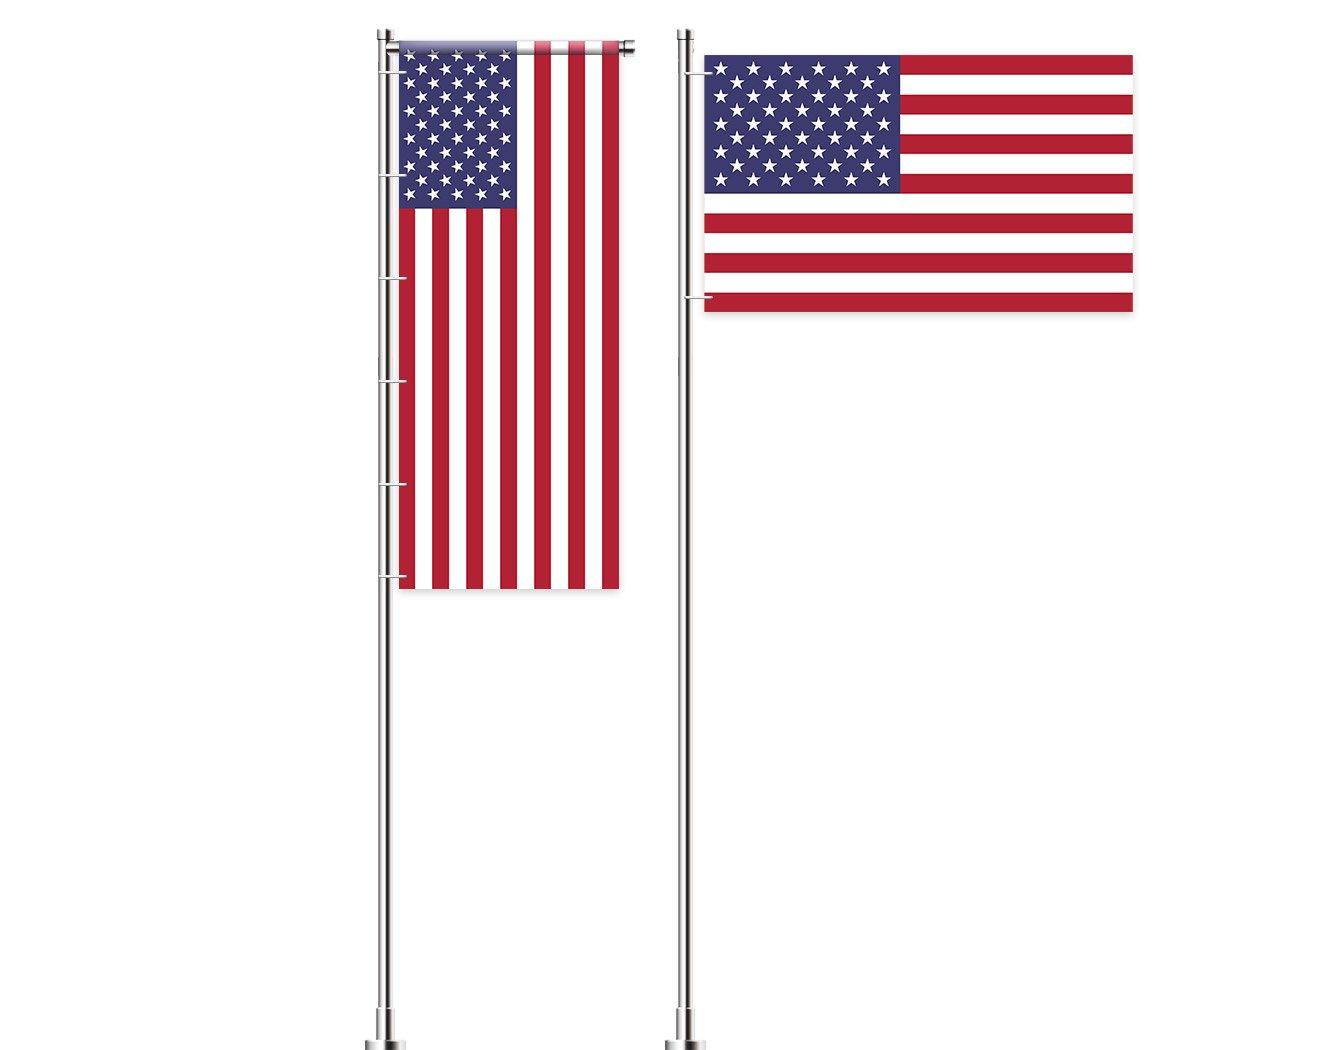 Vereinigte Staaten-Flagge bedrucken lassen